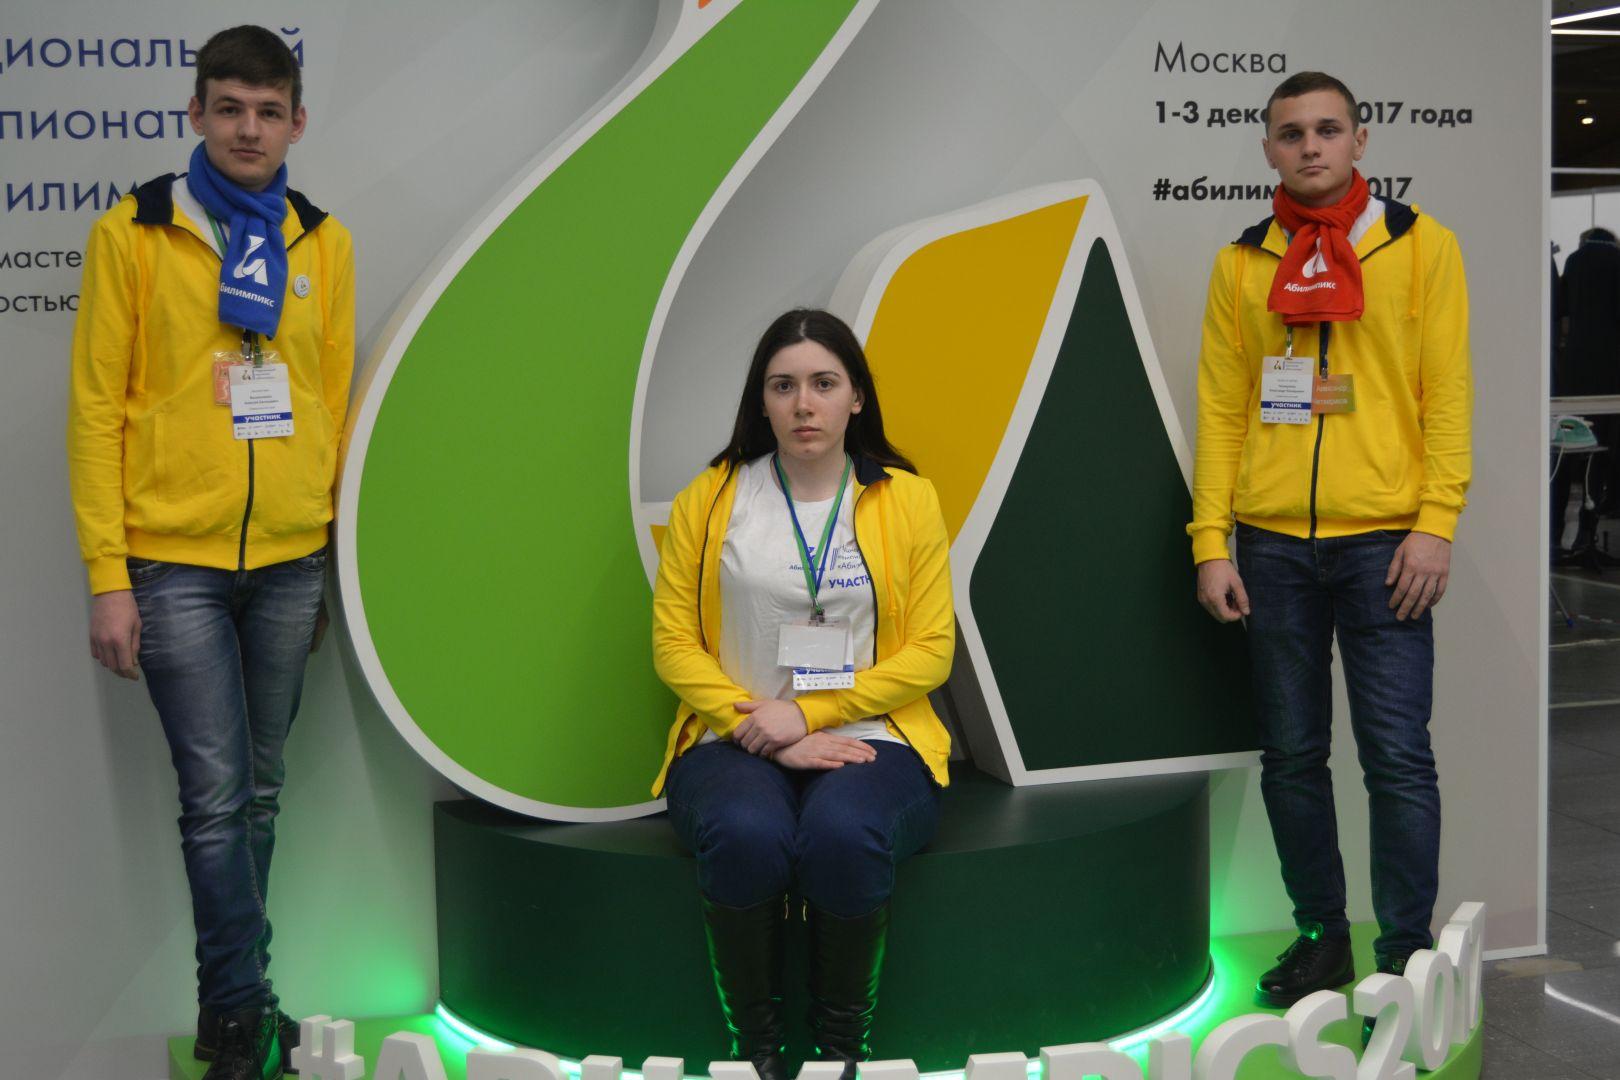 Ставропольцы успешно выступили на всероссийском конкурсе «Абилимпикс — 2017»